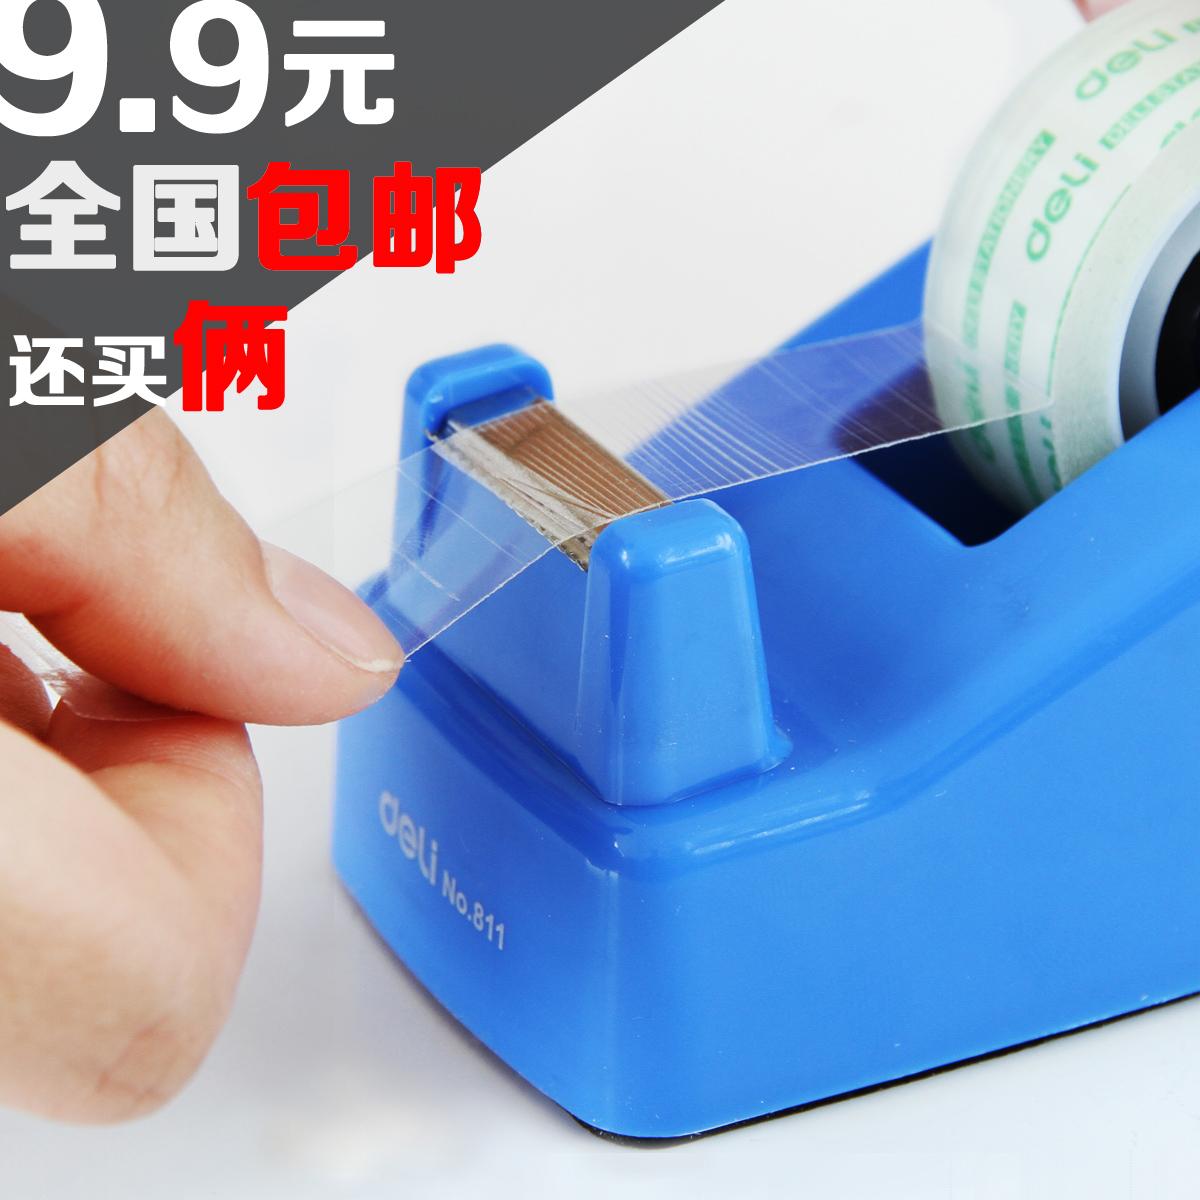 deli胶带座得力811得力胶带座小号胶带纸座小胶带切割器透明胶带